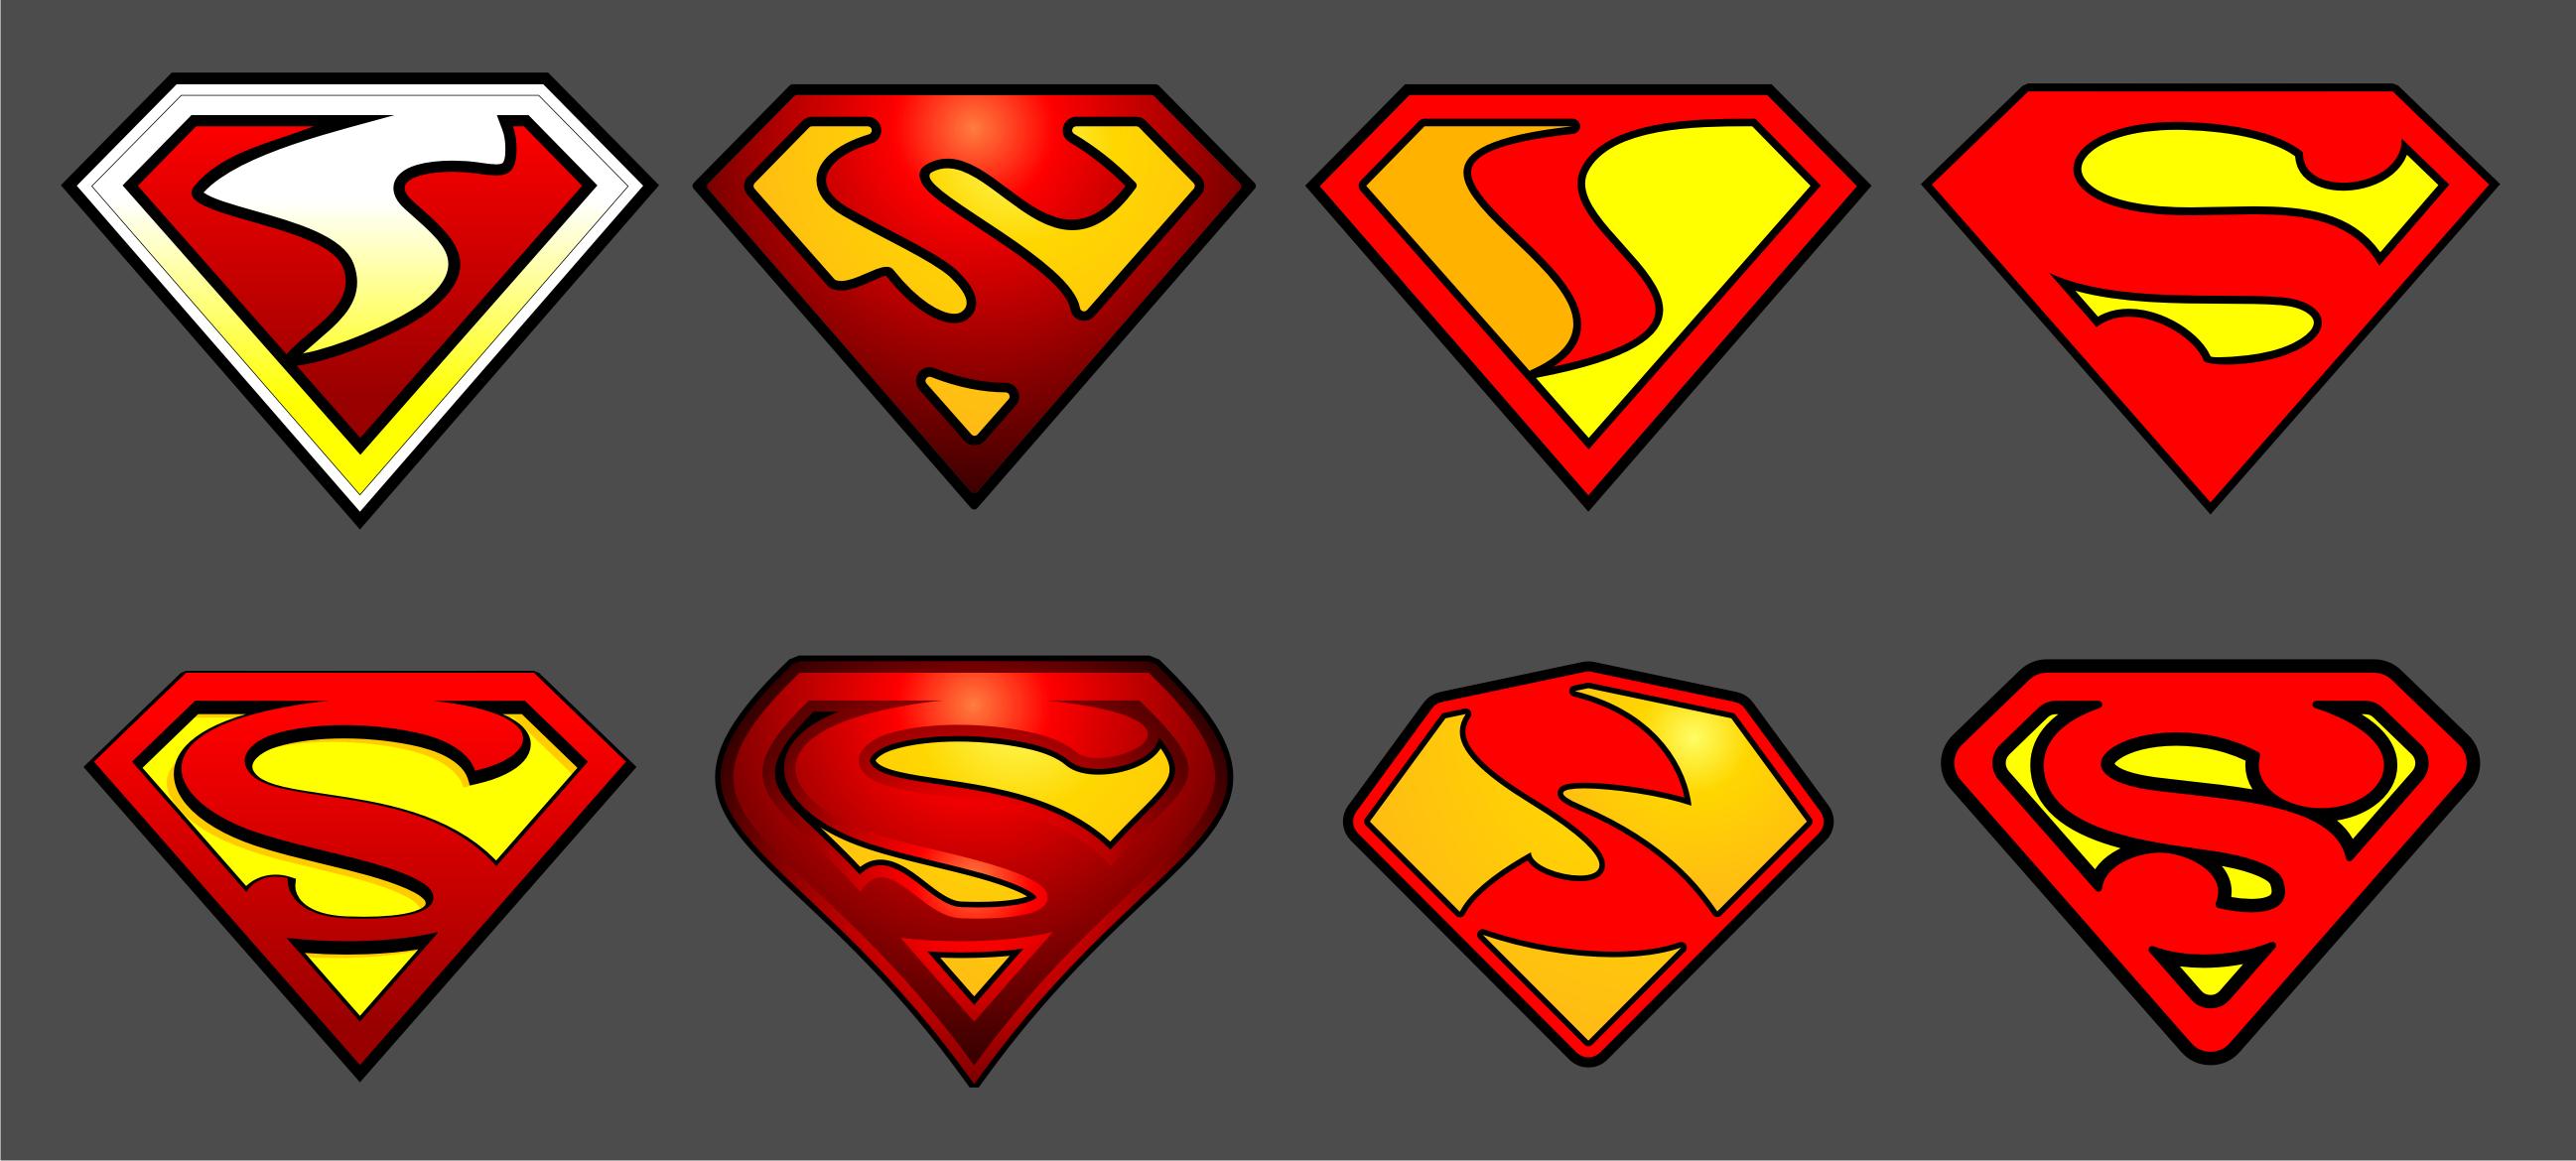 2595x1170 Superman Logos, Superman Fan Art